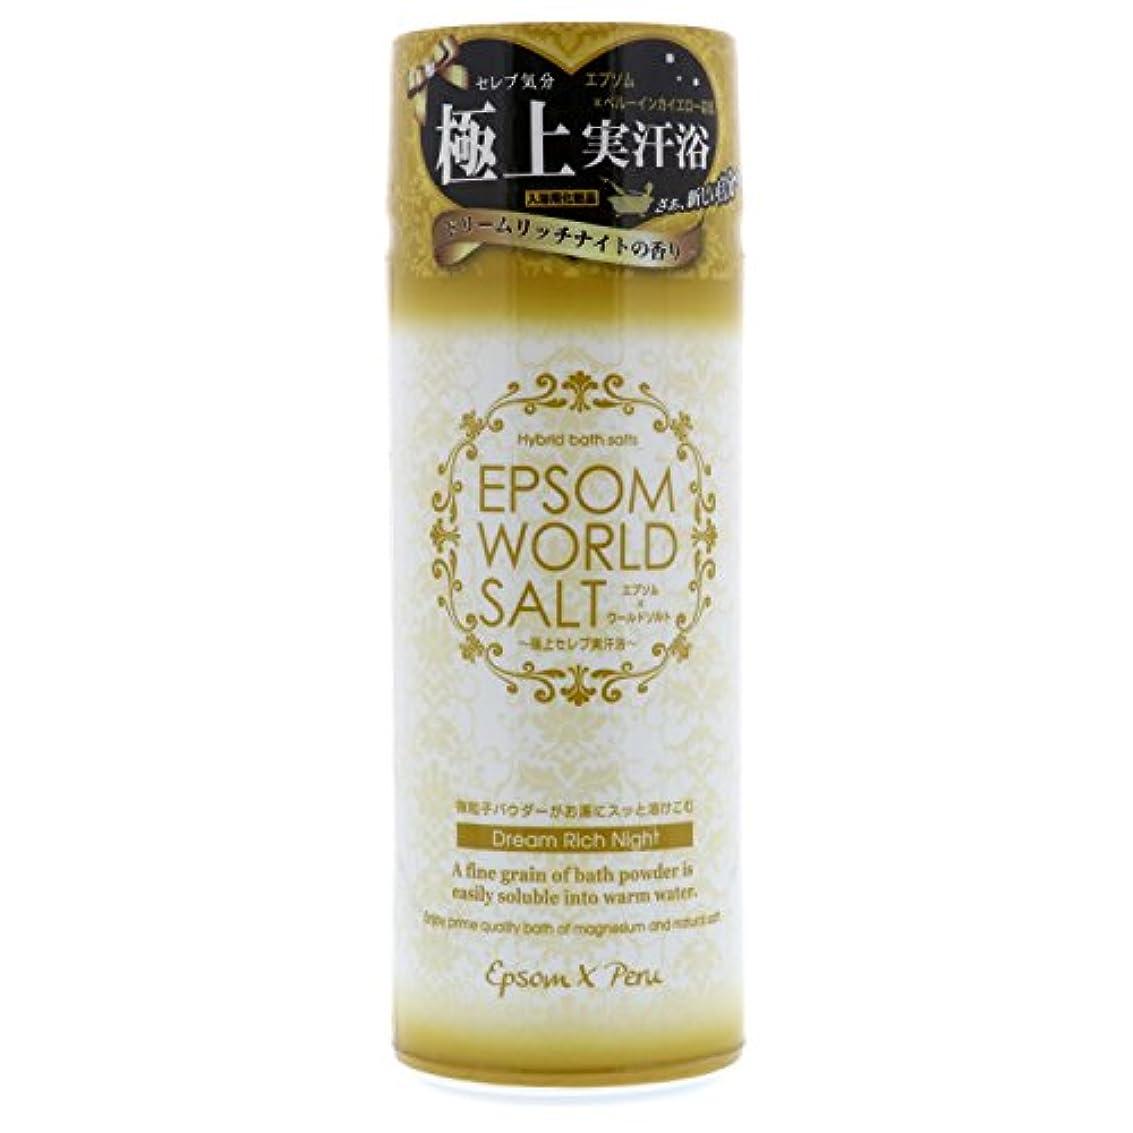 損なうディンカルビルハイジャックエプソムワールドソルト ドリームリッチナイトの香り ボトル 500g